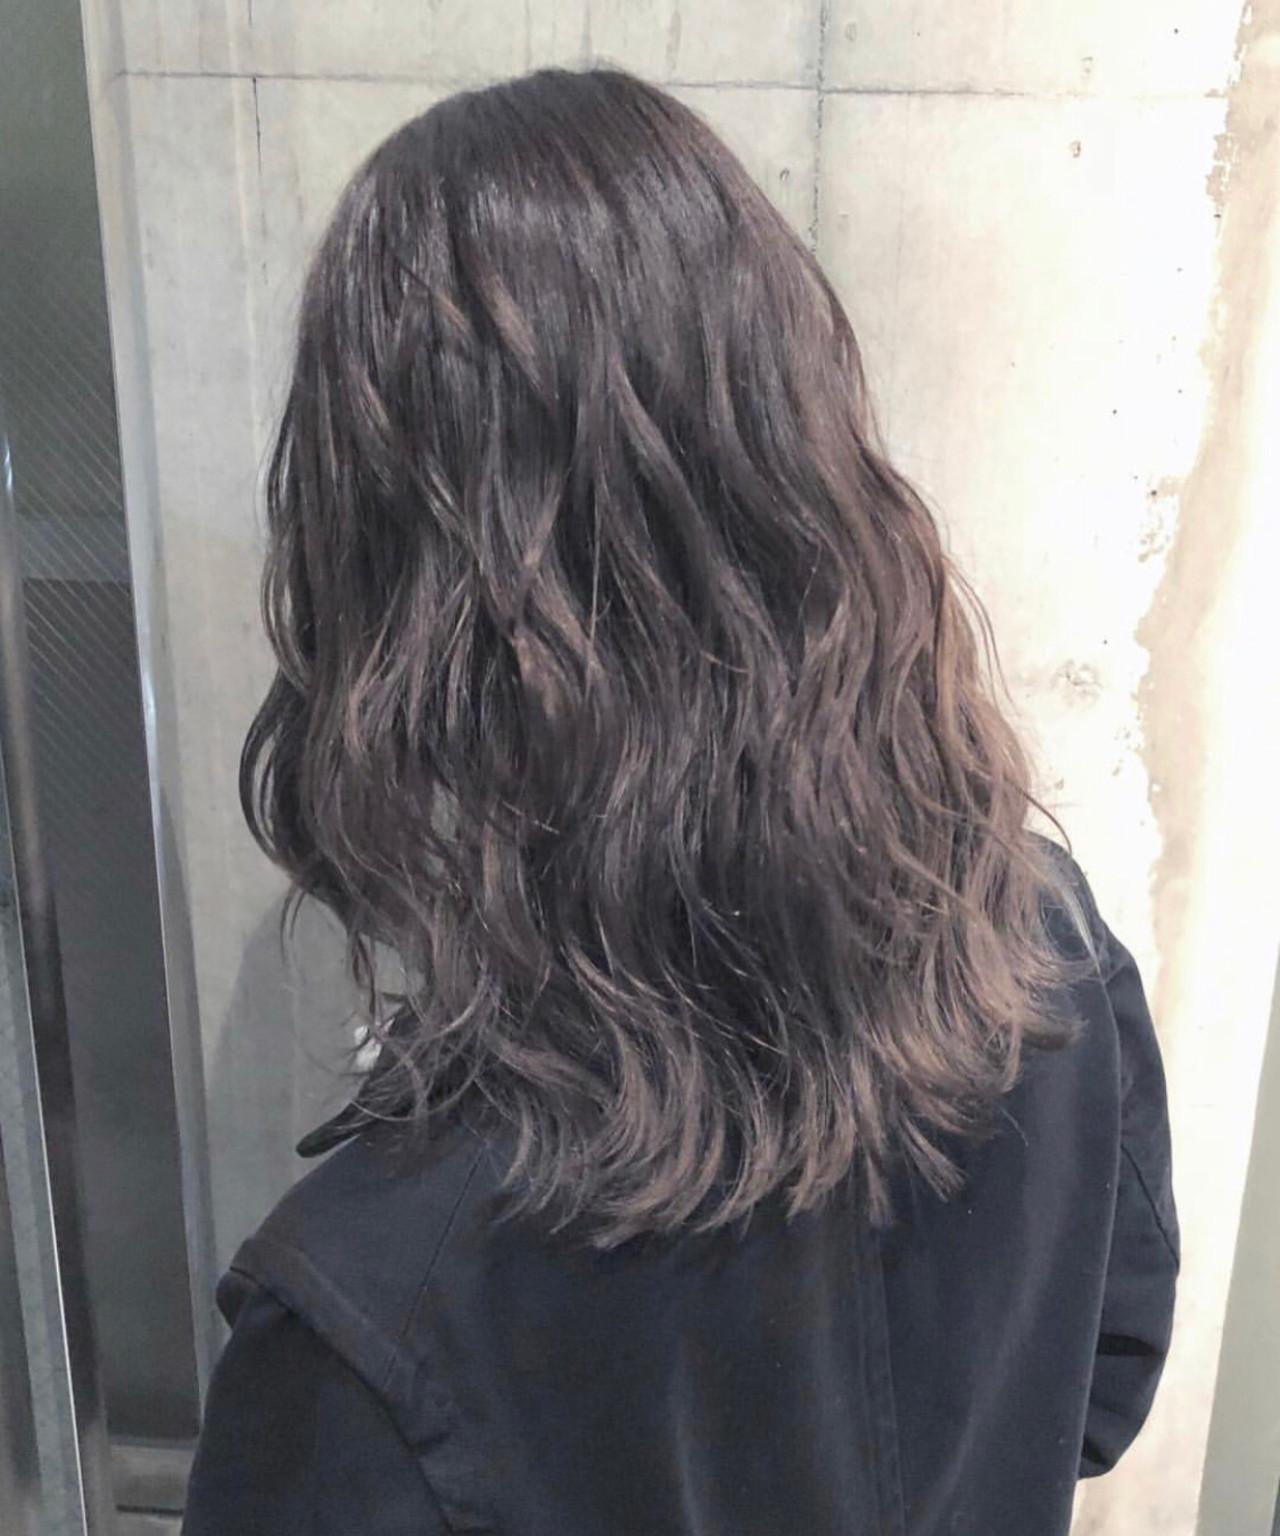 ナチュラル ラベンダーアッシュ セミロング 透明感 ヘアスタイルや髪型の写真・画像 | haruca shiono / imaii scaena×colore